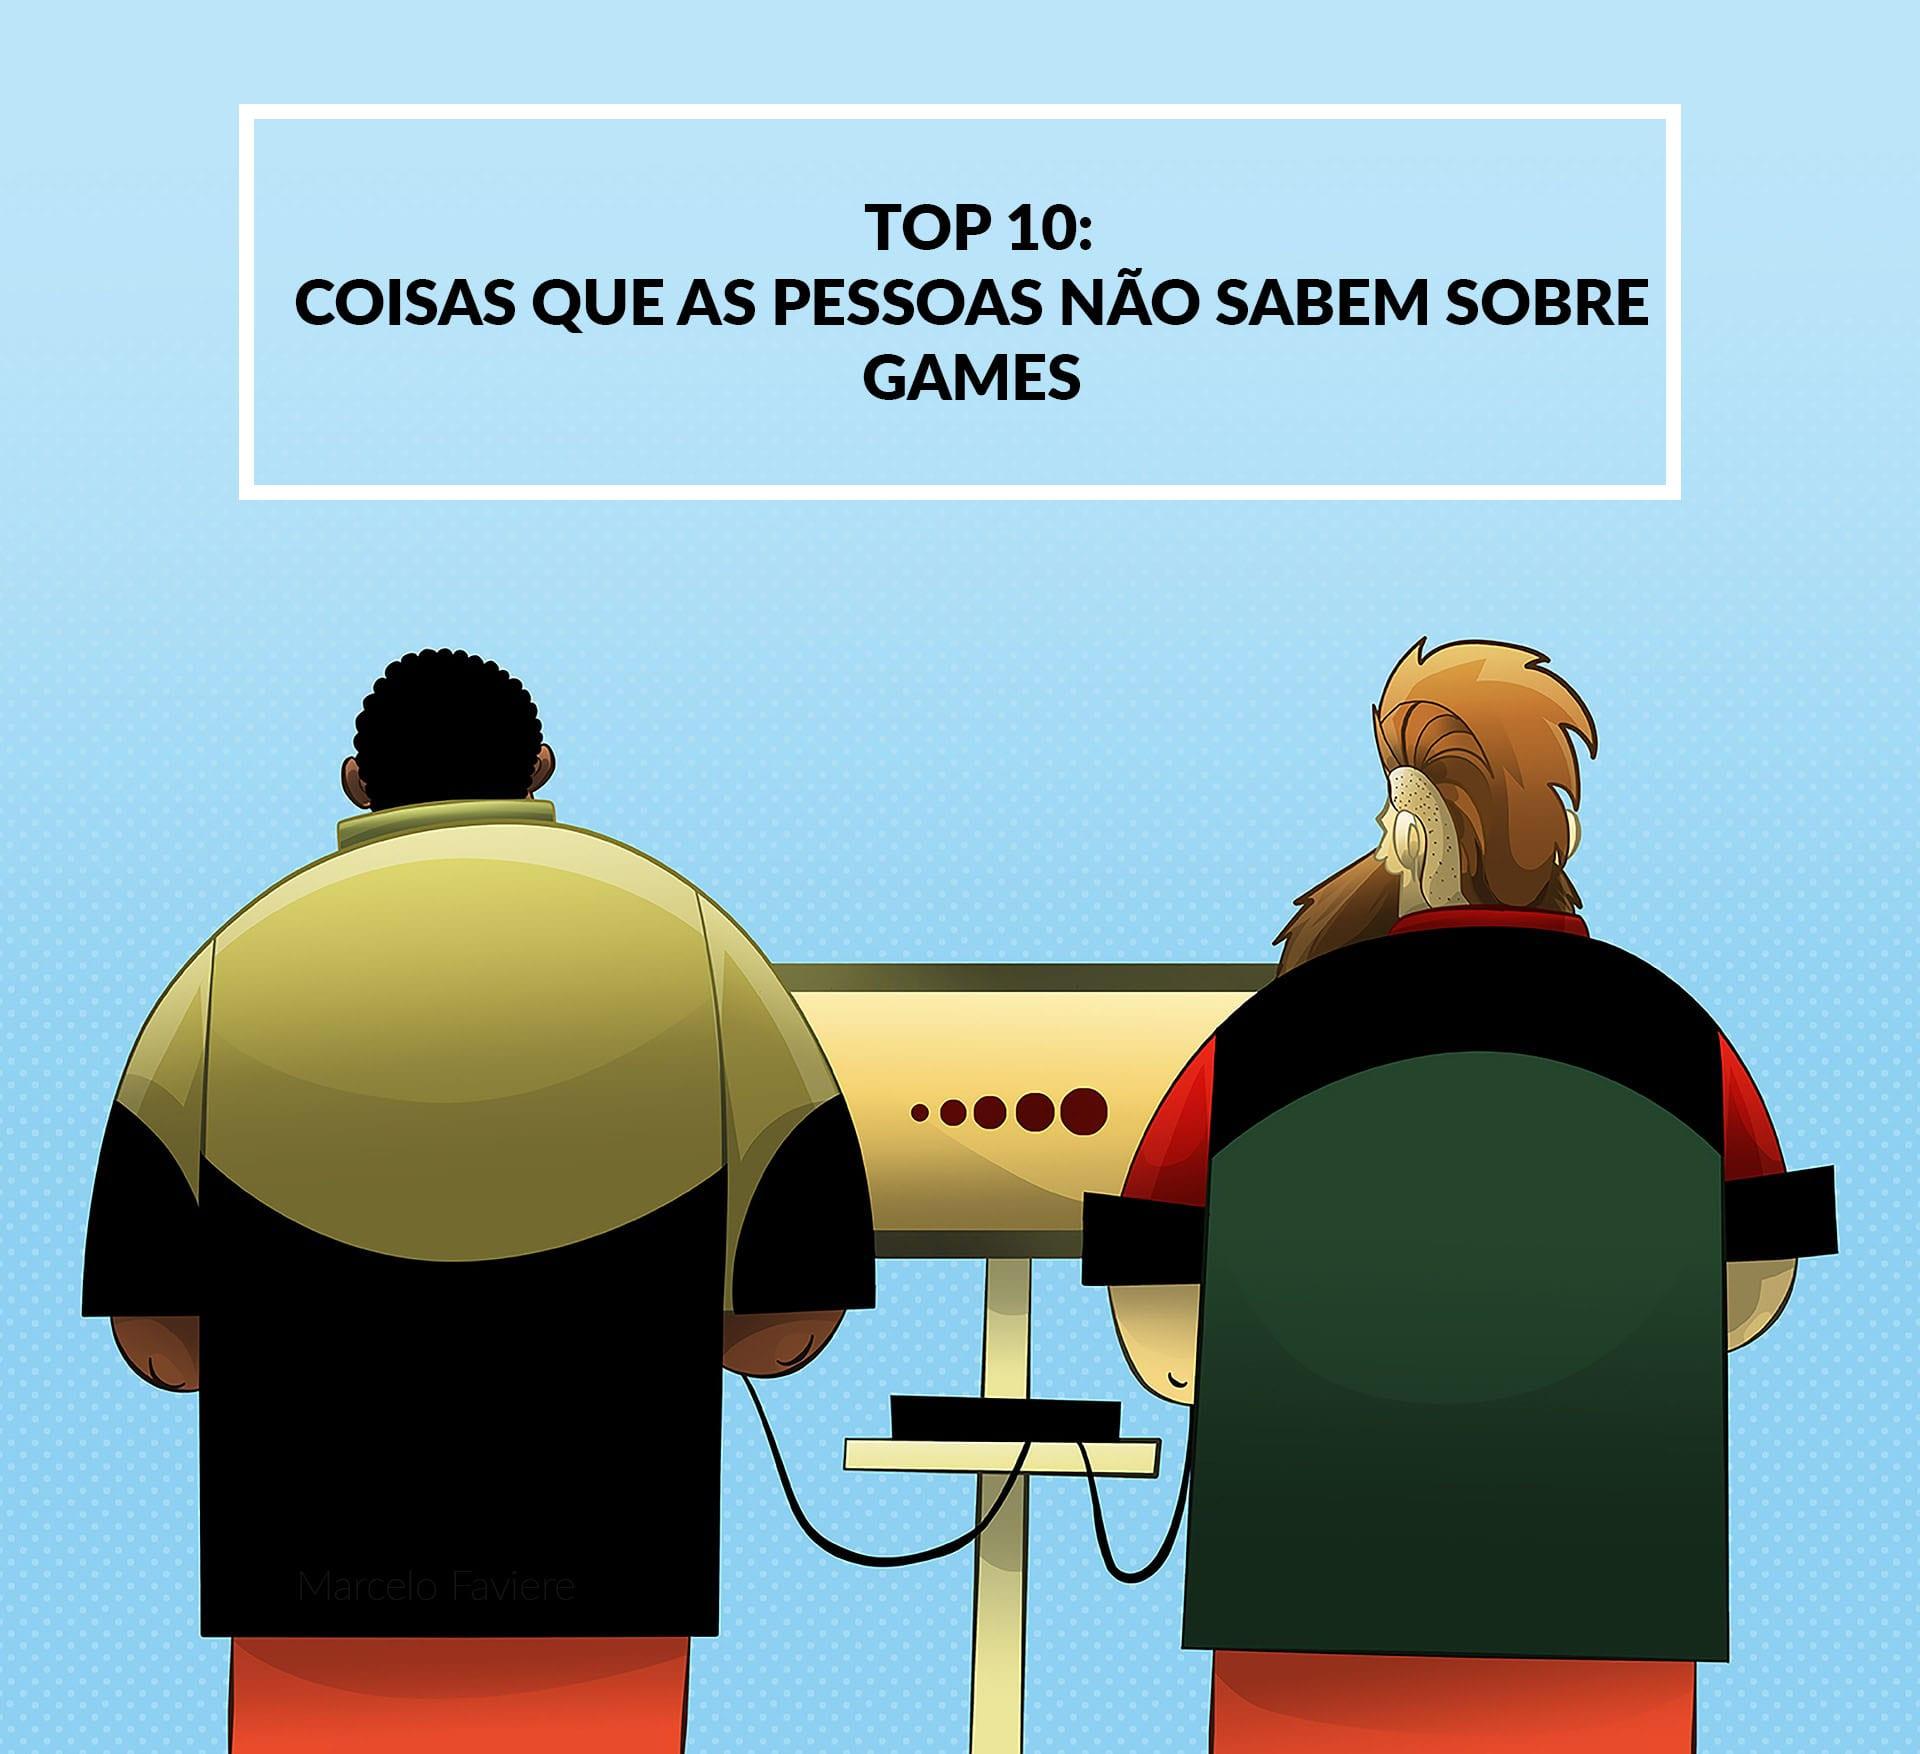 torcedores-bg-materia-top-10-coisas-games